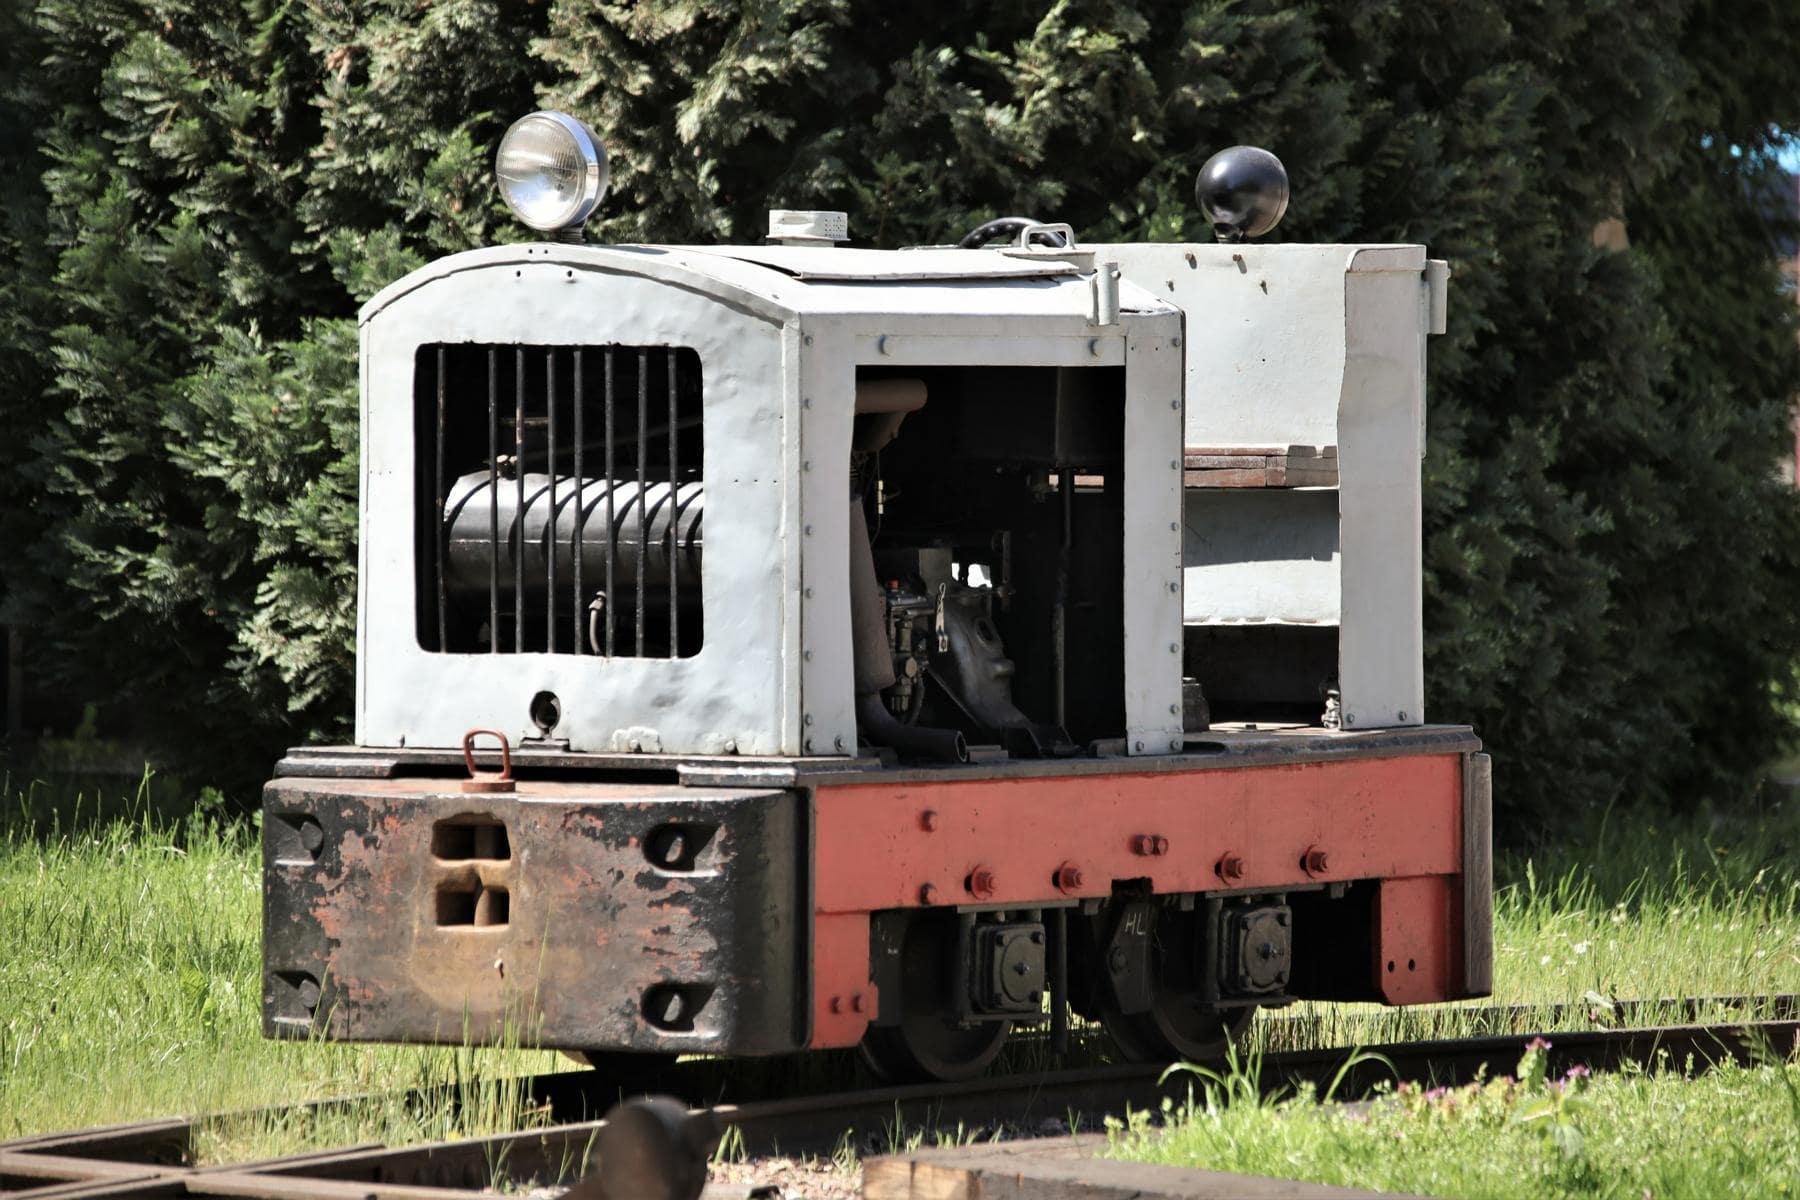 ©Foto: Christian Wodzinski | railmen | Zum Museum gehört ebenfalls eine Feldbahnanlage. Hier wartet eine Lok vom Typ Ns 1 aus dem Lokomotivbau Karl Marx Babelsberg auf den nächsten Einsatz.